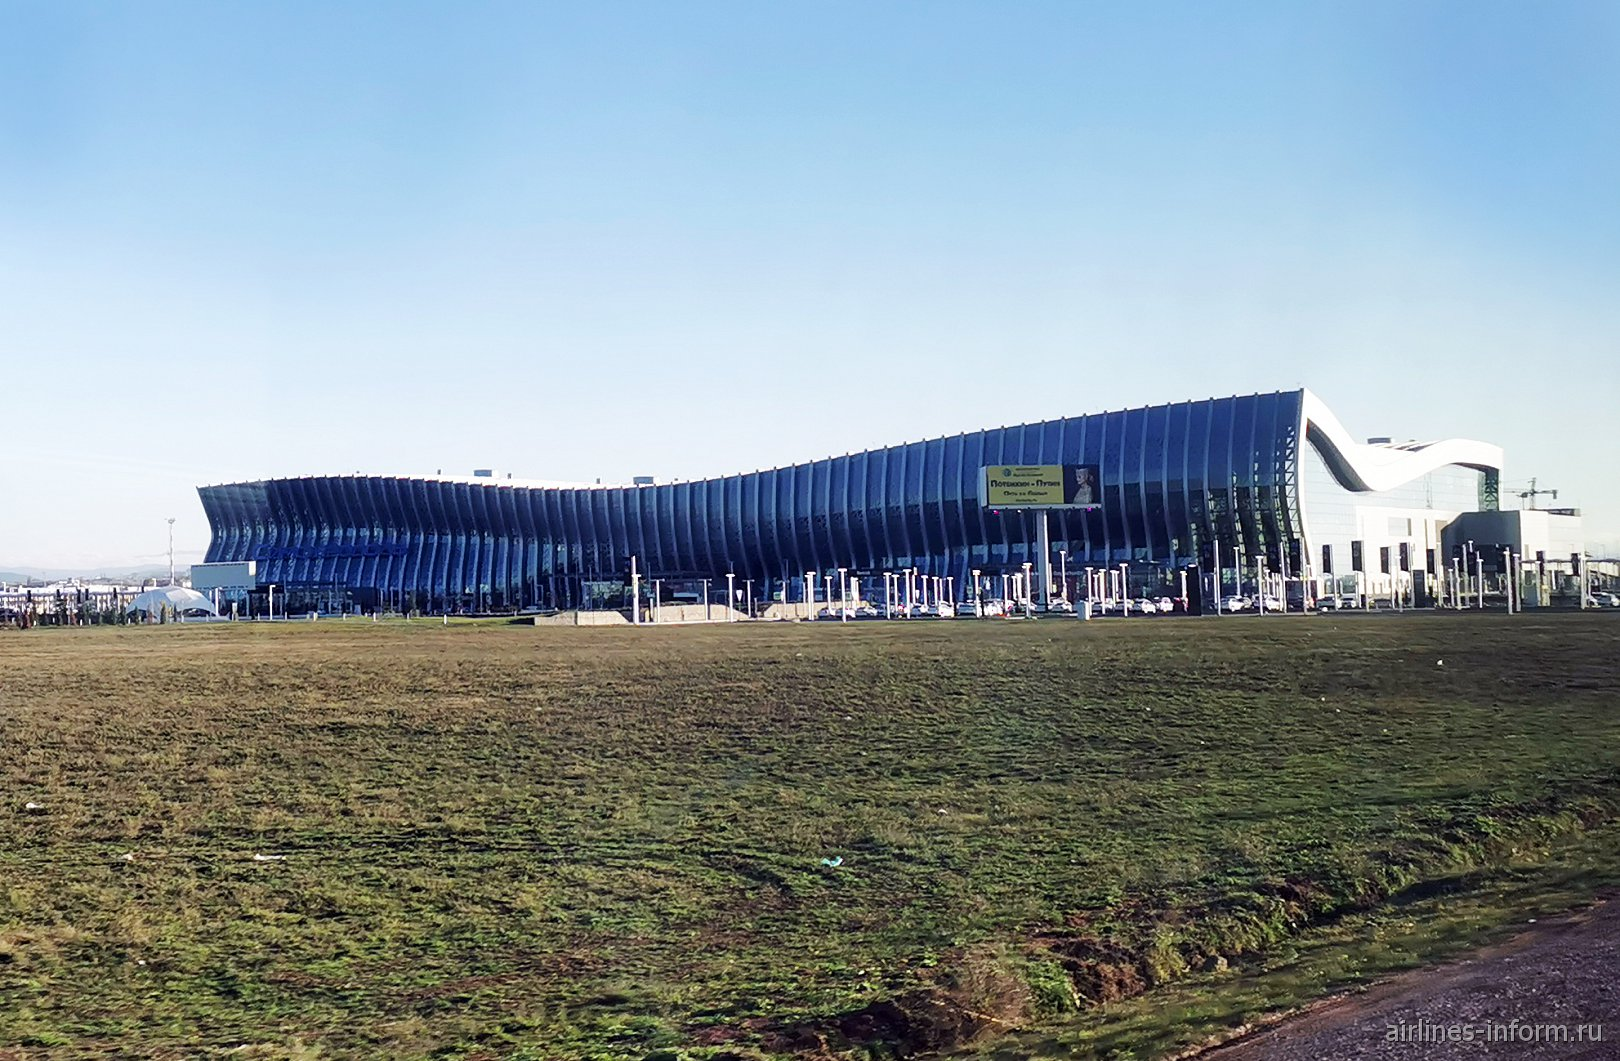 Пассажирский терминал аэропорта Симферополь